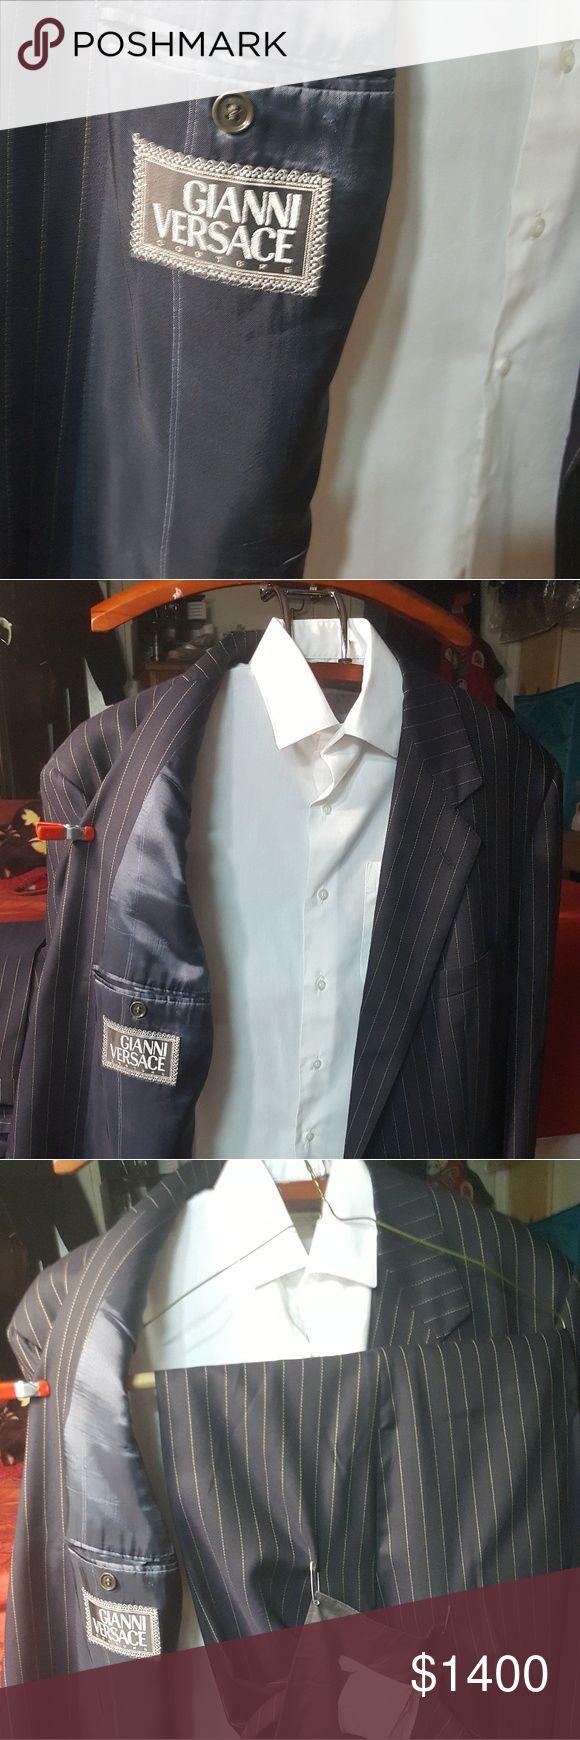 Gianni Versace pin stripe suit Men's authentic Gianni Versace pin stripe suit Versace Suits & Blazers Suits